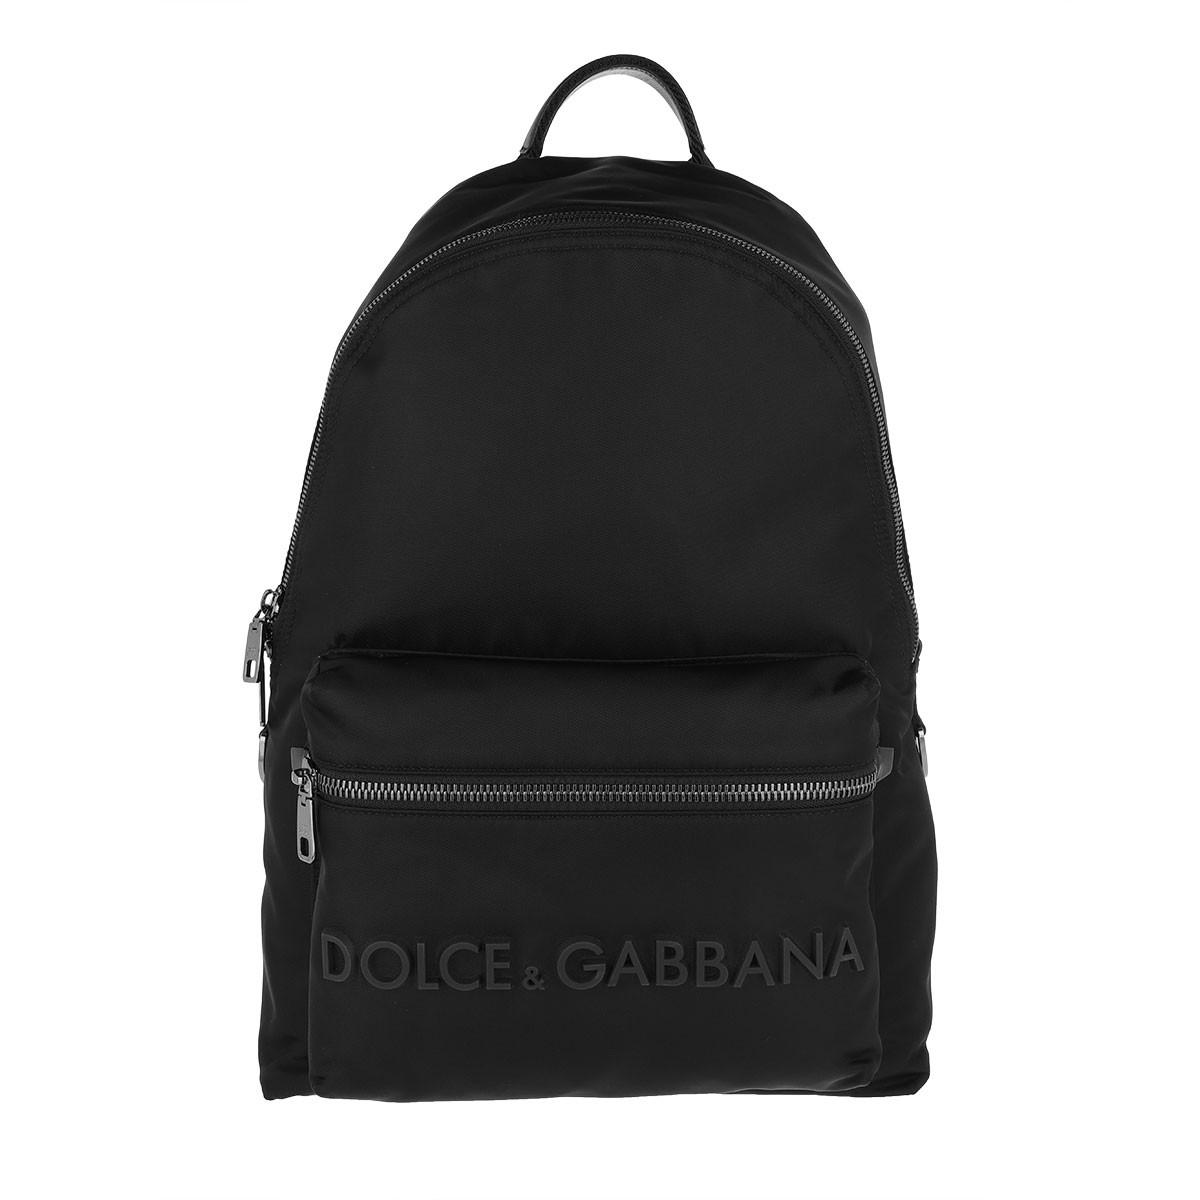 Dolce&Gabbana Rucksack - Vulcano Backpack Nylon Black - in schwarz - für Damen